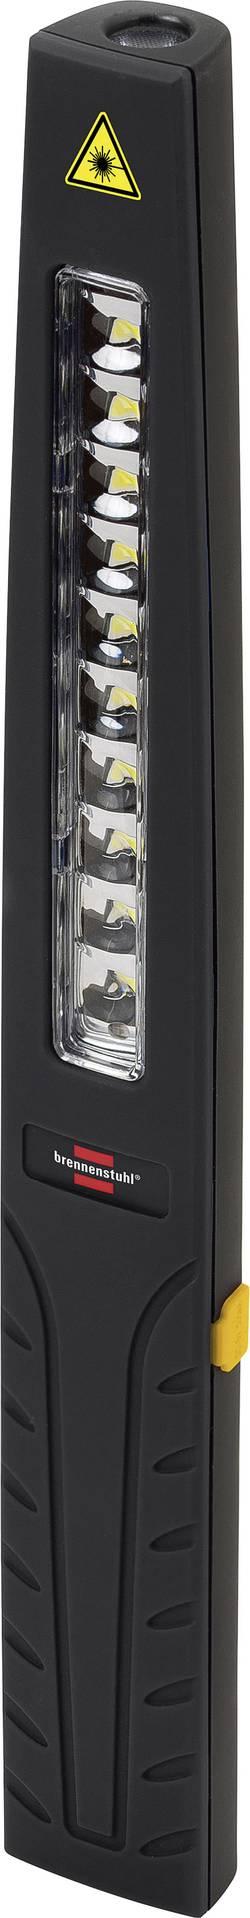 Lampe de camping, Lampe de travail, Lampe de poche Brennenstuhl Akku Mini Stableuchte LED avec support magnétique à batt